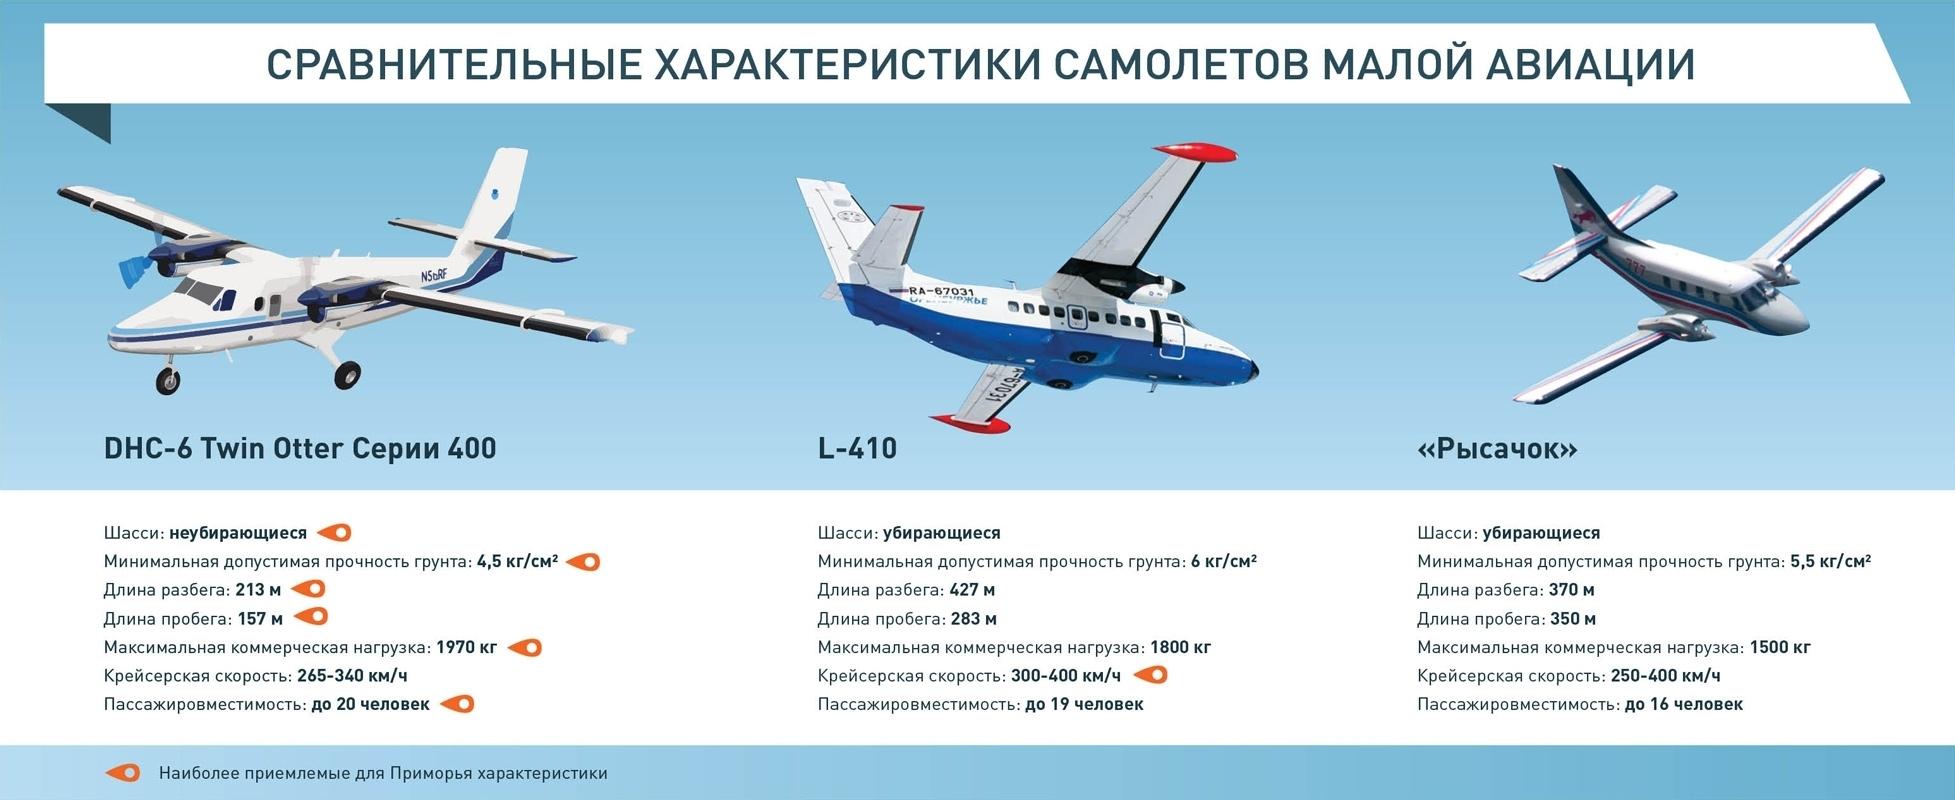 Сравнительные характеристики самолетов малой авиации